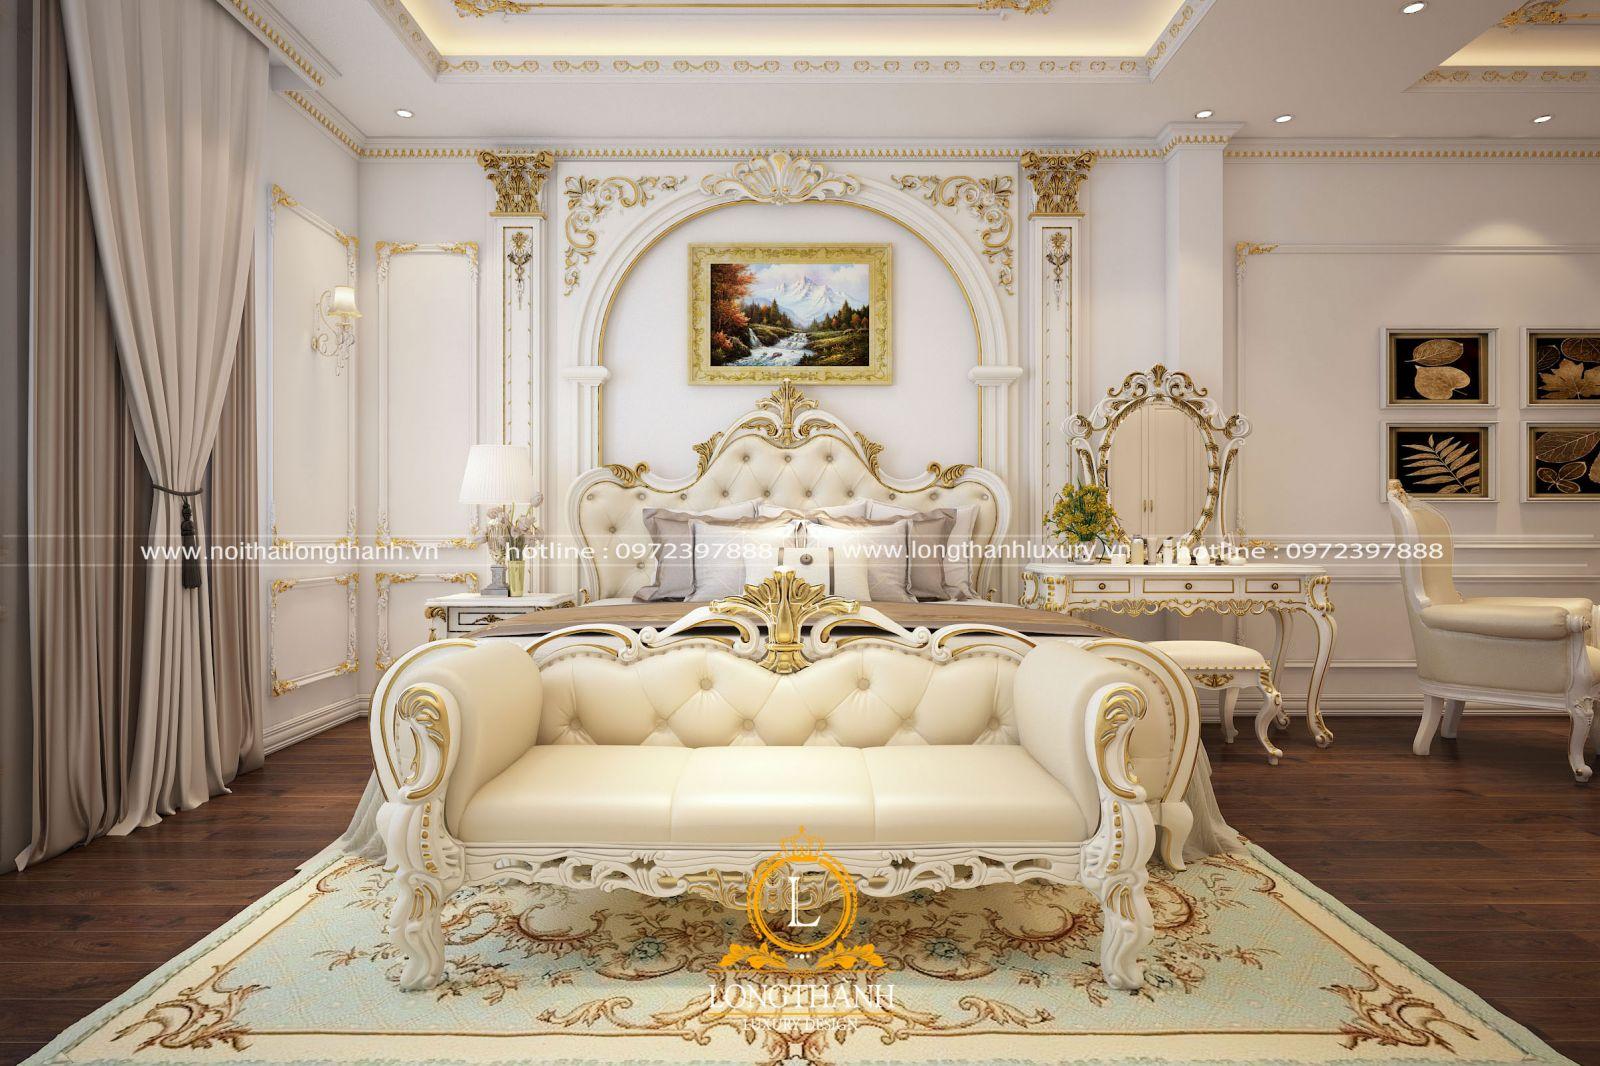 Tinh tế hơn với nội thất màu trắng